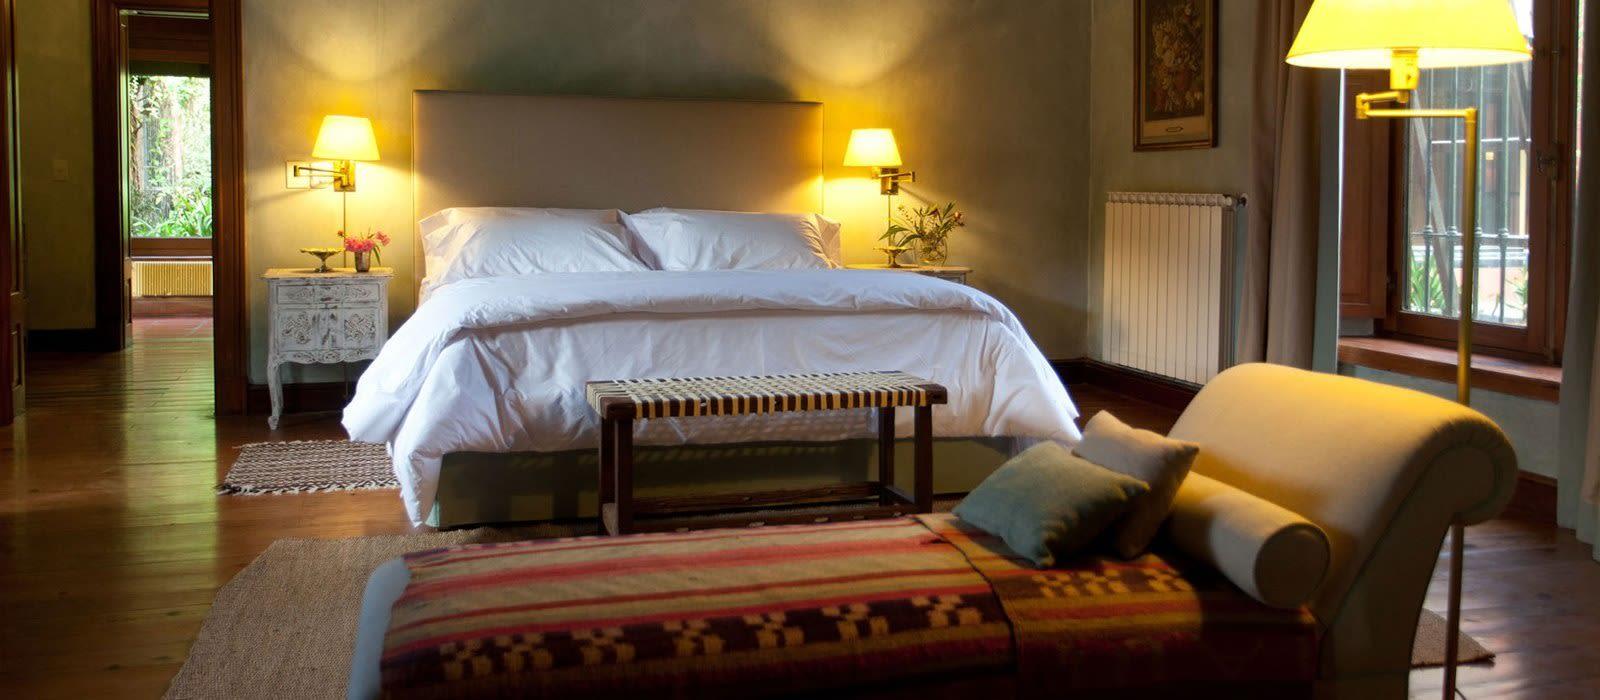 Hotel Estancia La Bandada Argentina